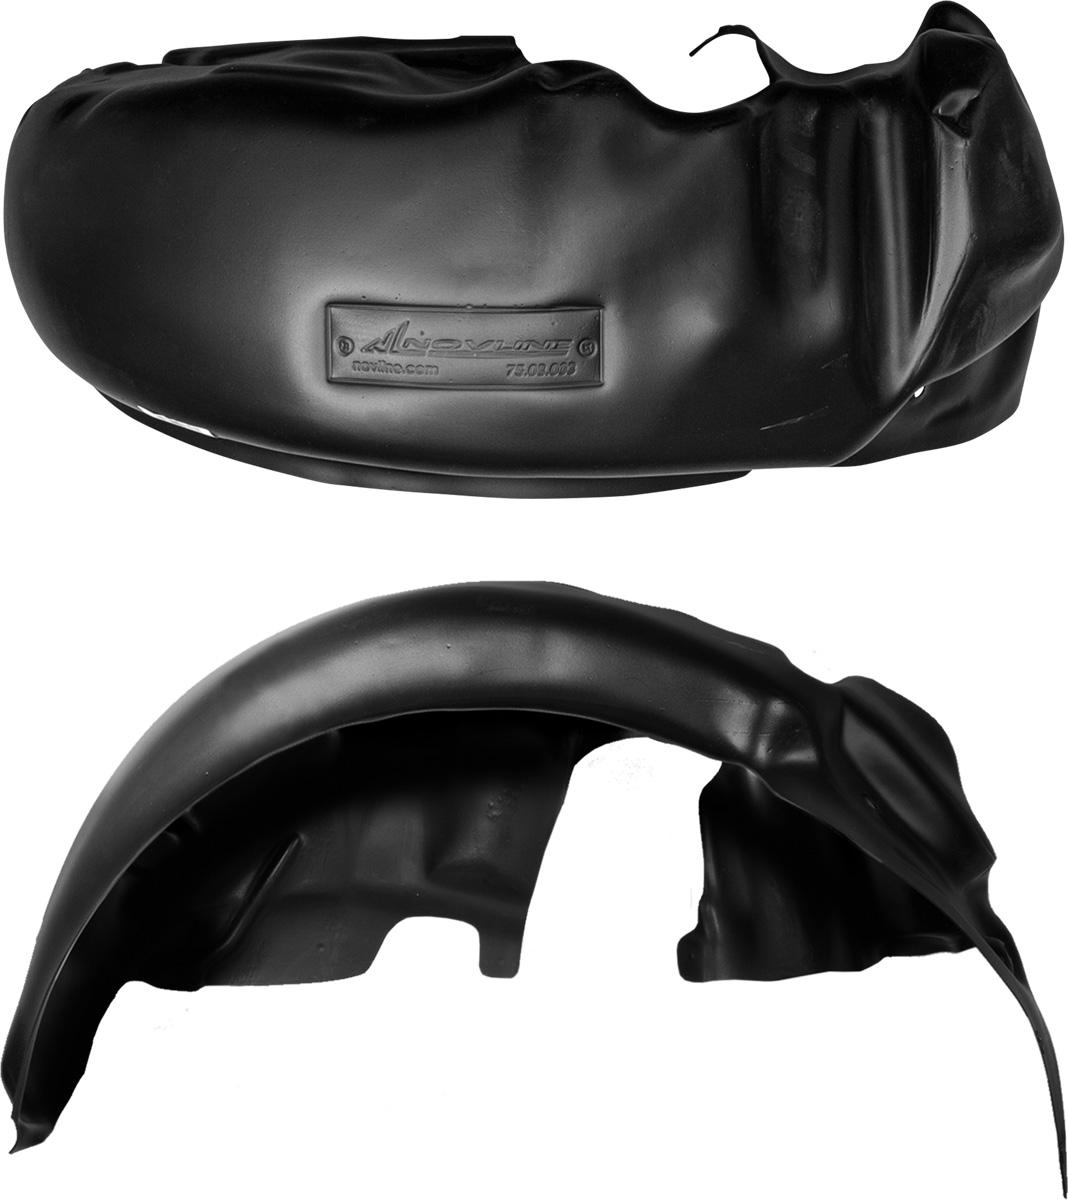 Подкрылок LADA Granta, 2011->, задний правыйNLL.52.25.004Колесные ниши – одни из самых уязвимых зон днища вашего автомобиля. Они постоянно подвергаются воздействию со стороны дороги. Лучшая, почти абсолютная защита для них - специально отформованные пластиковые кожухи, которые называются подкрылками, или локерами. Производятся они как для отечественных моделей автомобилей, так и для иномарок. Подкрылки выполнены из высококачественного, экологически чистого пластика. Обеспечивают надежную защиту кузова автомобиля от пескоструйного эффекта и негативного влияния, агрессивных антигололедных реагентов. Пластик обладает более низкой теплопроводностью, чем металл, поэтому в зимний период эксплуатации использование пластиковых подкрылков позволяет лучше защитить колесные ниши от налипания снега и образования наледи. Оригинальность конструкции подчеркивает элегантность автомобиля, бережно защищает нанесенное на днище кузова антикоррозийное покрытие и позволяет осуществить крепление подкрылков внутри колесной арки практически без дополнительного...